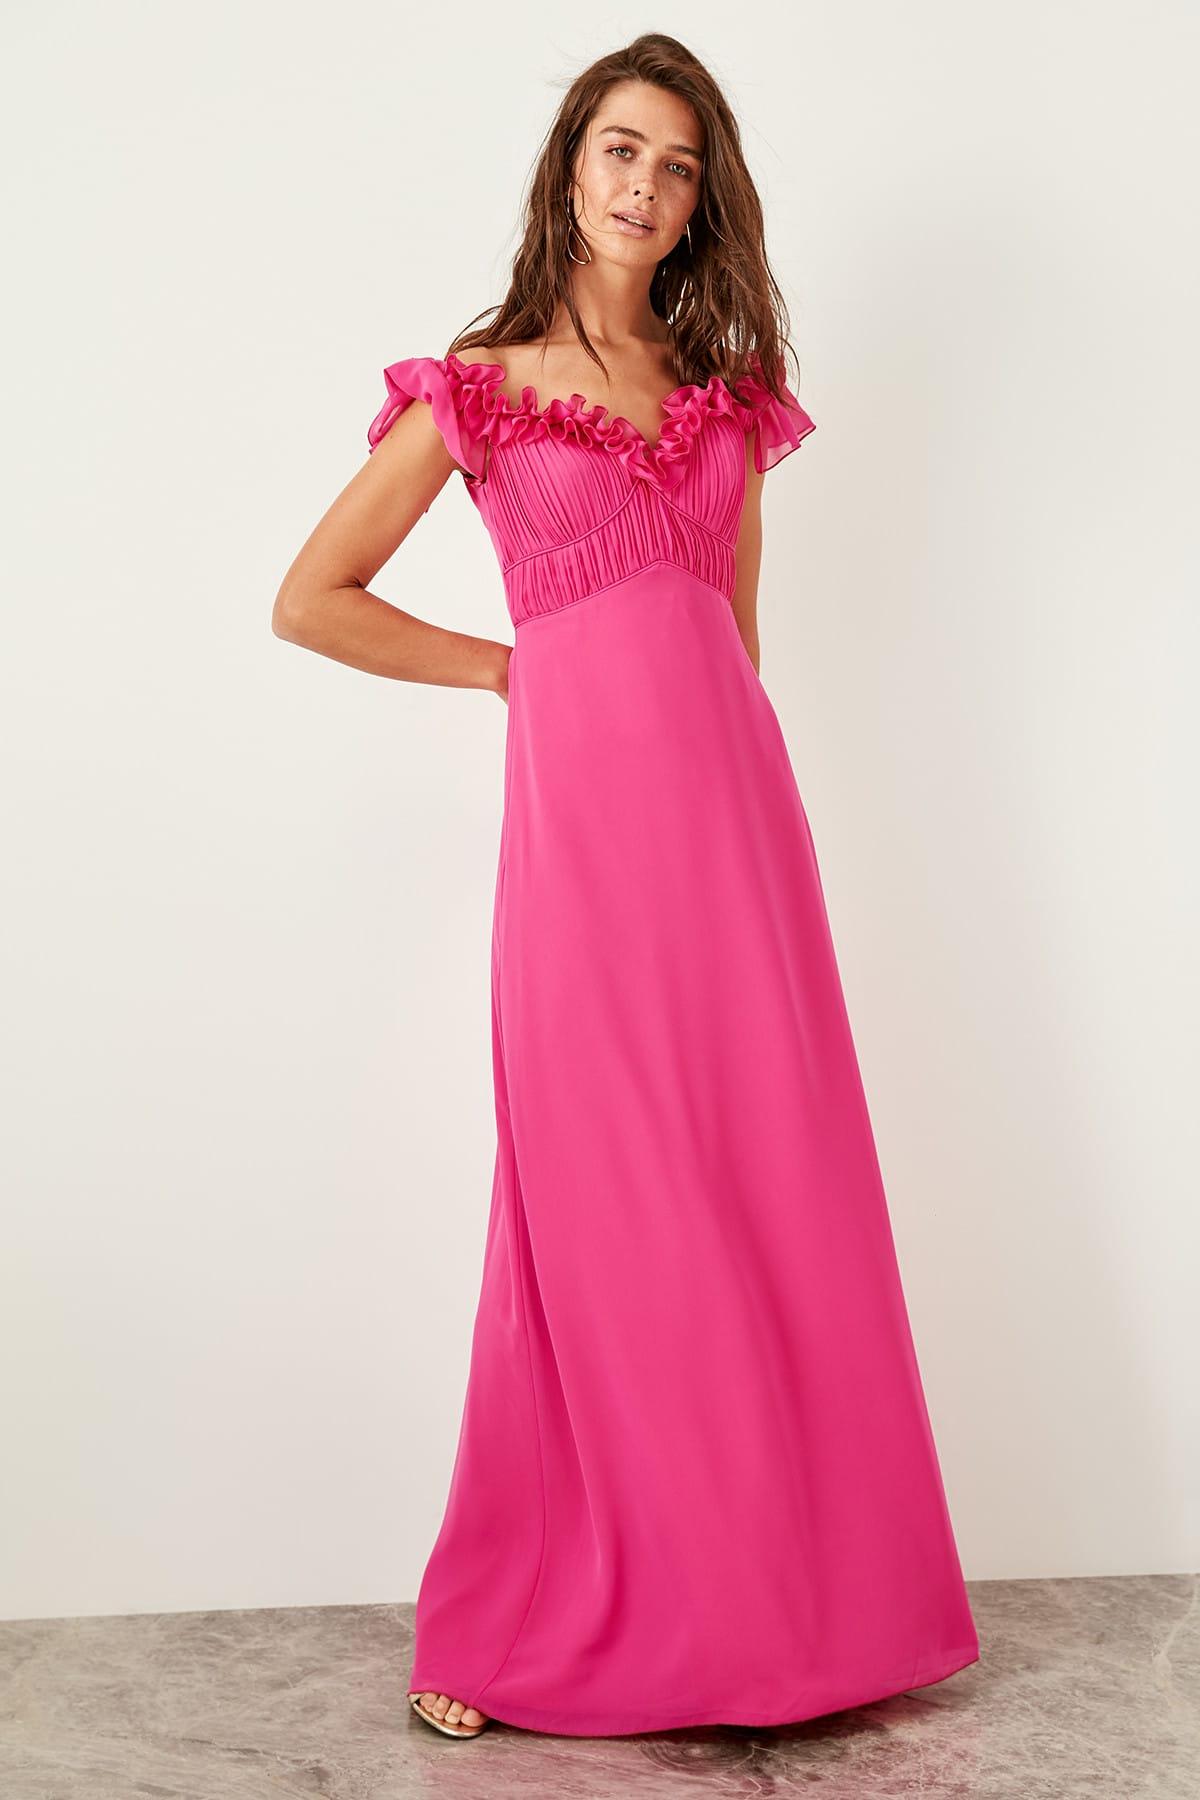 Trendyol dámske večerné šaty s volánmi